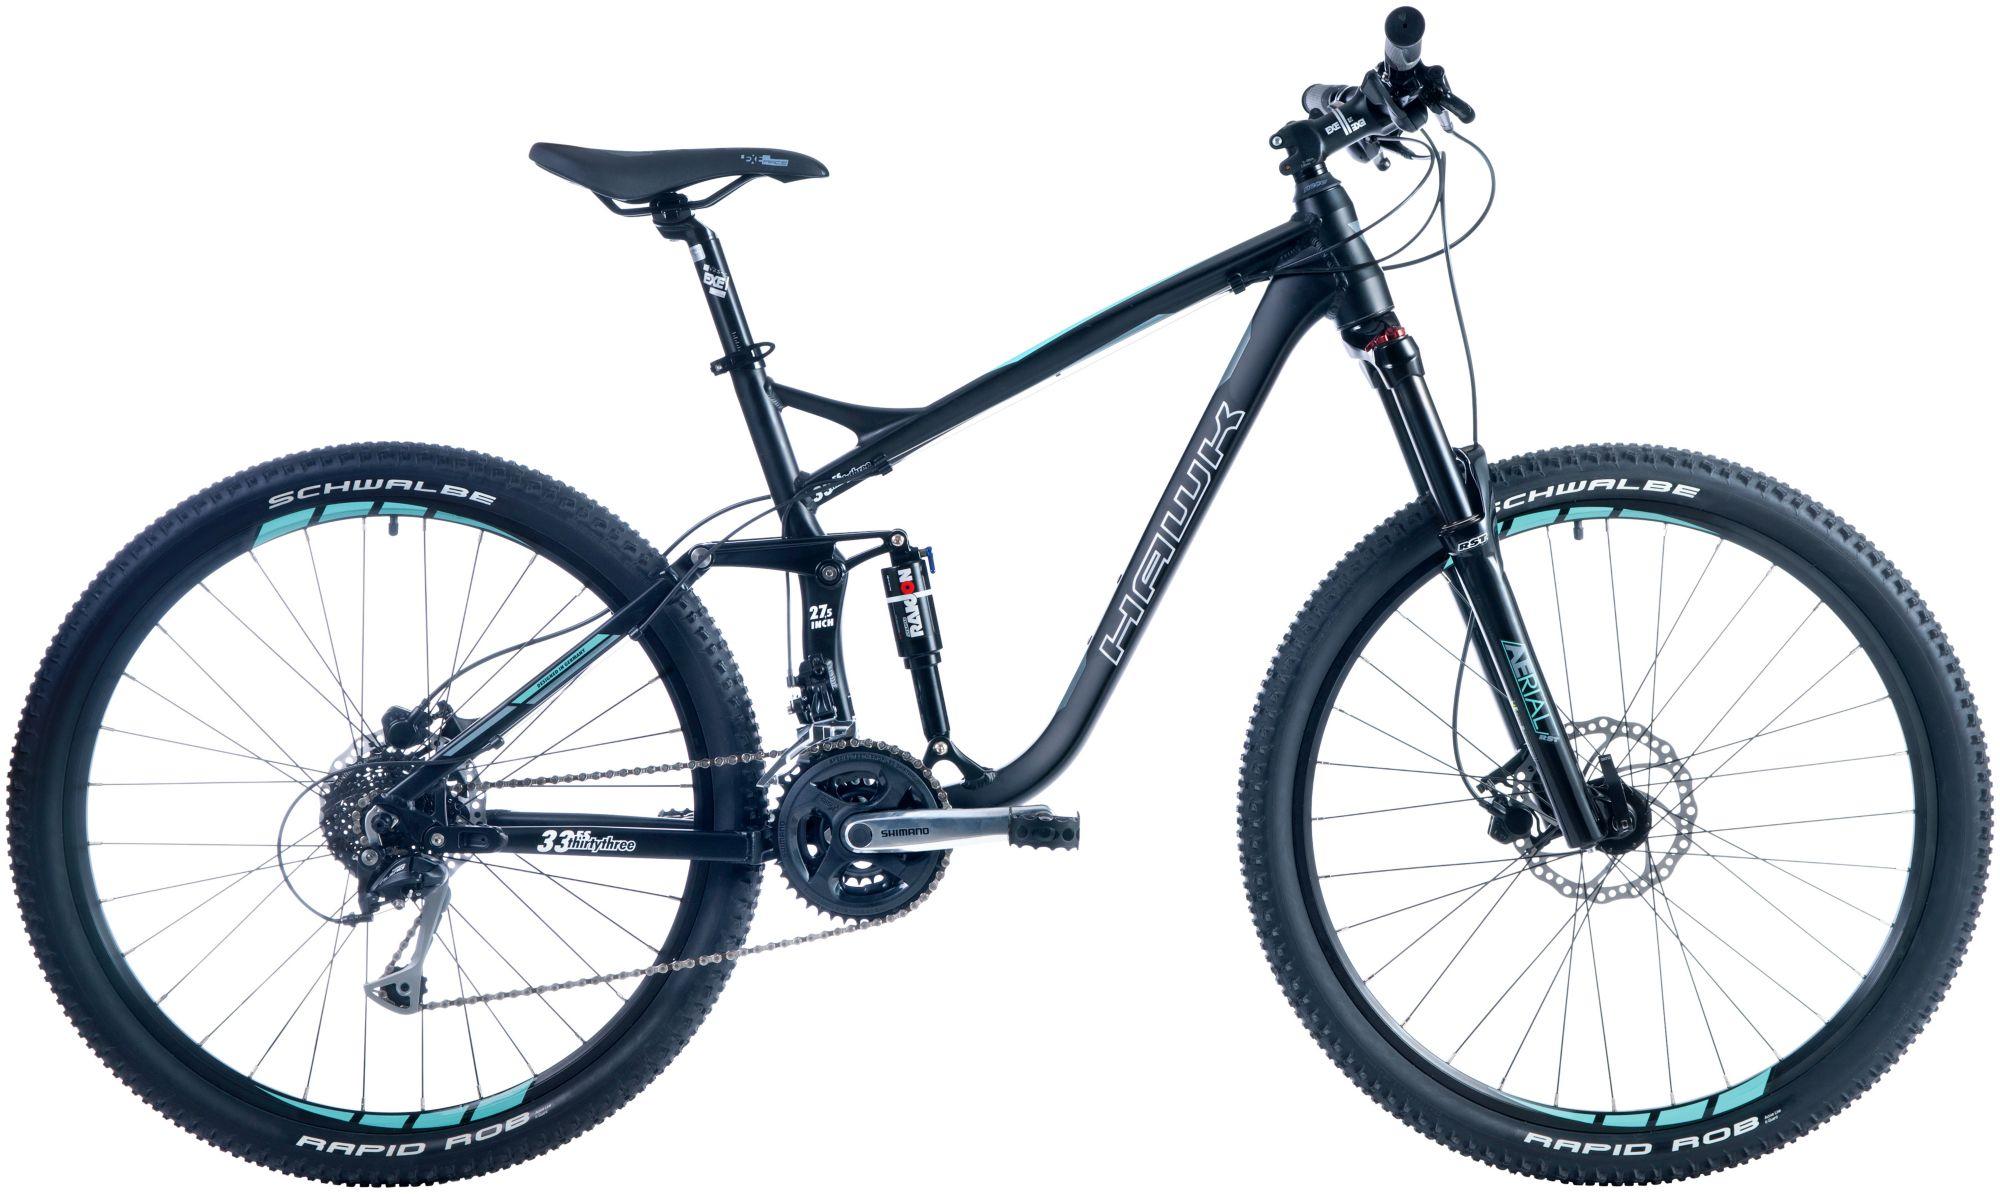 HAWK Hawk Mountainbike »Thirtythree«, RH 40, 27,5 Zoll, 24 Gang, Hydraulische Scheibenbremsen